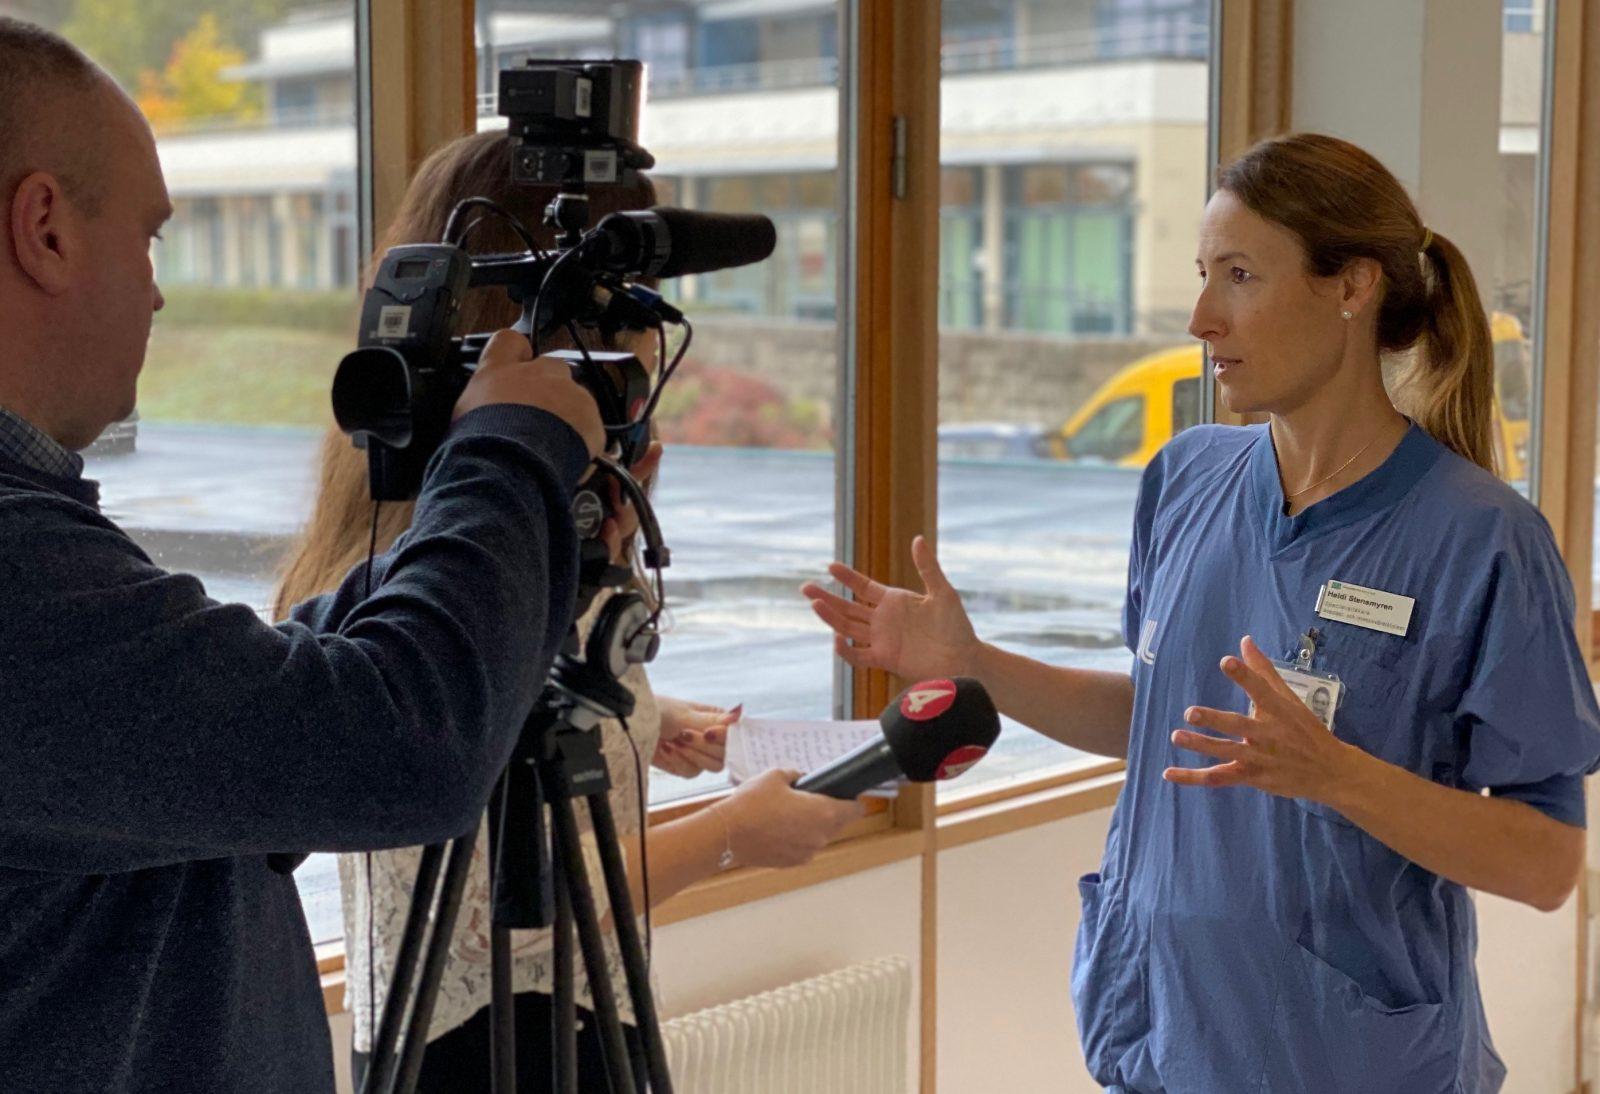 Heidi Stensmyren pratar med journalist framför en kamera